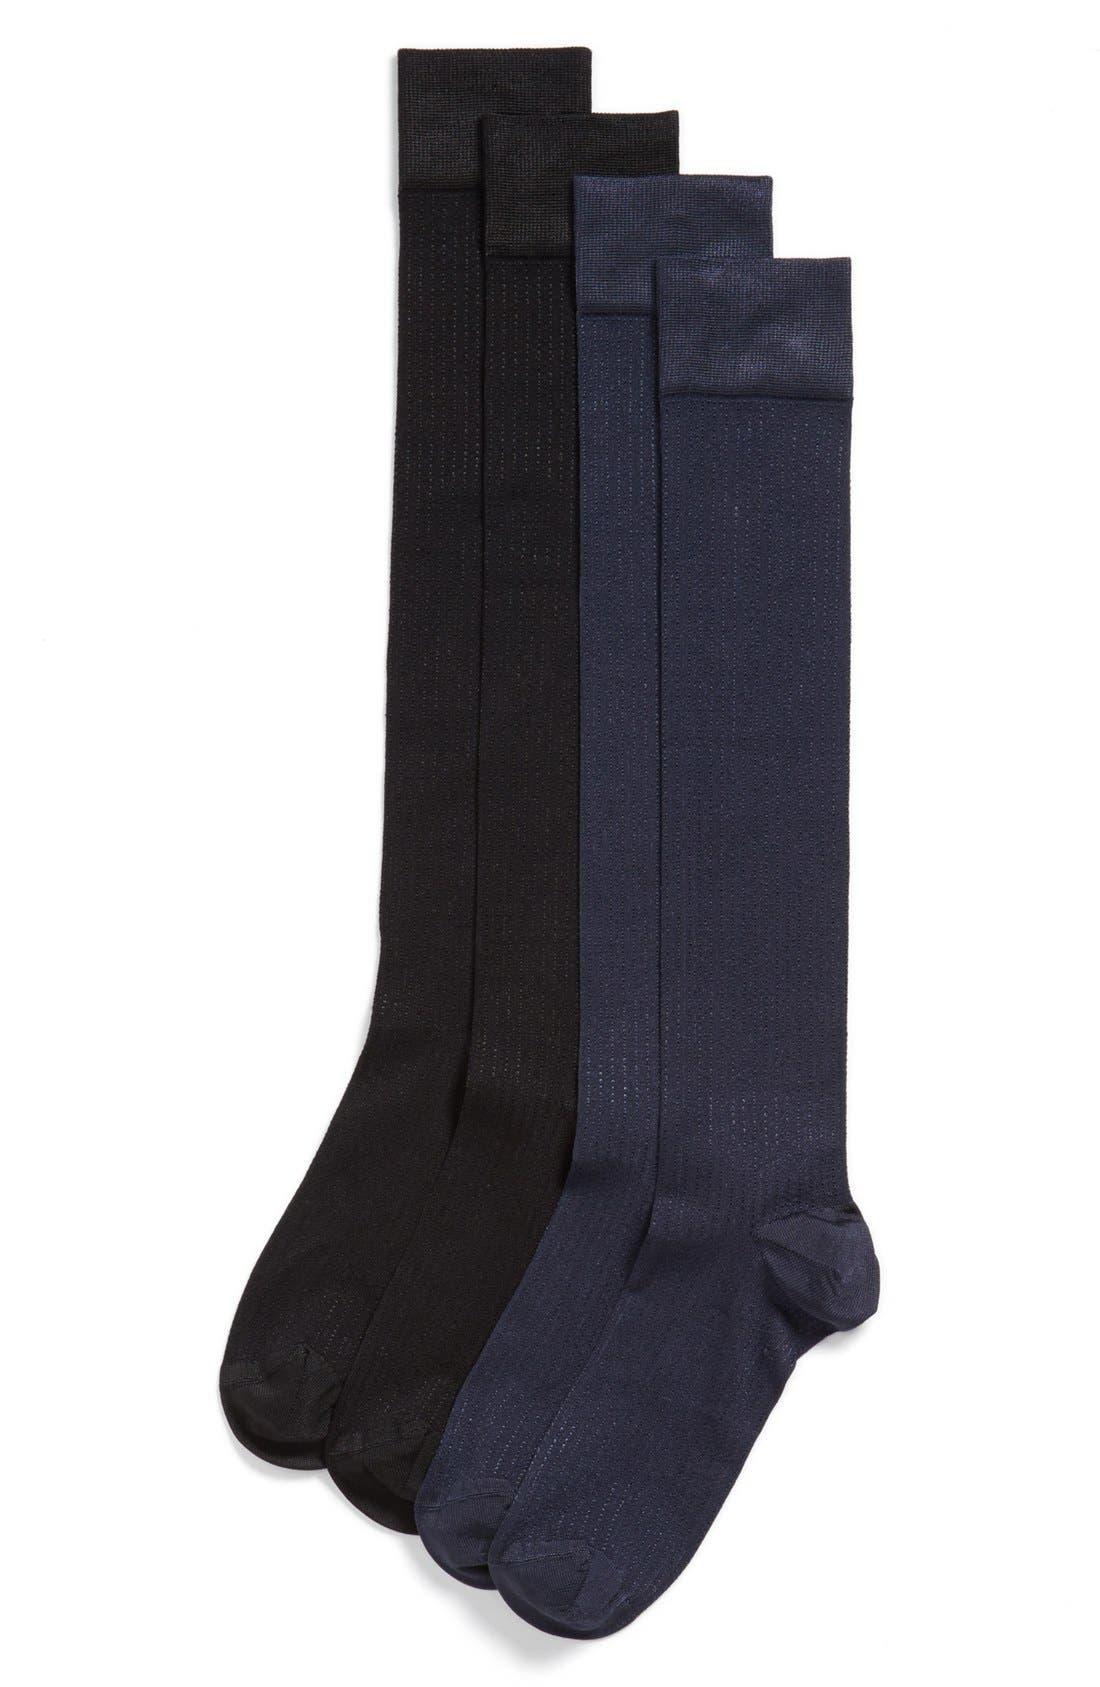 Alternate Image 1 Selected - Ralph Lauren 'Vertical Shine' Knee High Socks